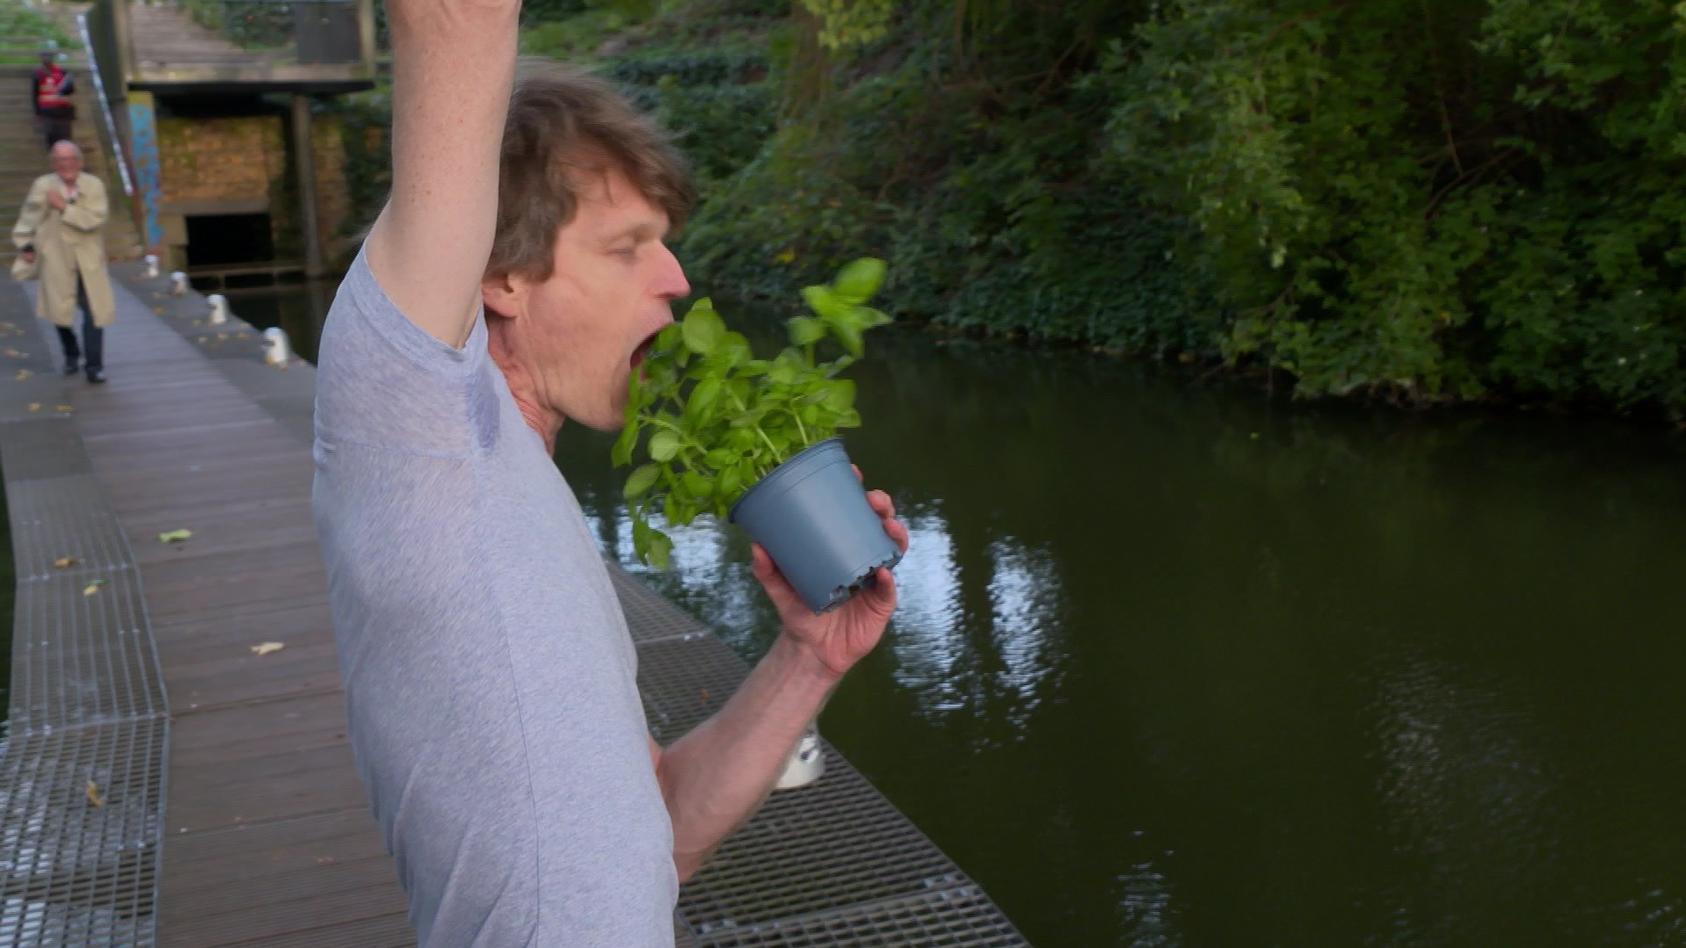 Bremer Altersforscher Sven Voelpel isst Basilikum während er an einem Baum hängt